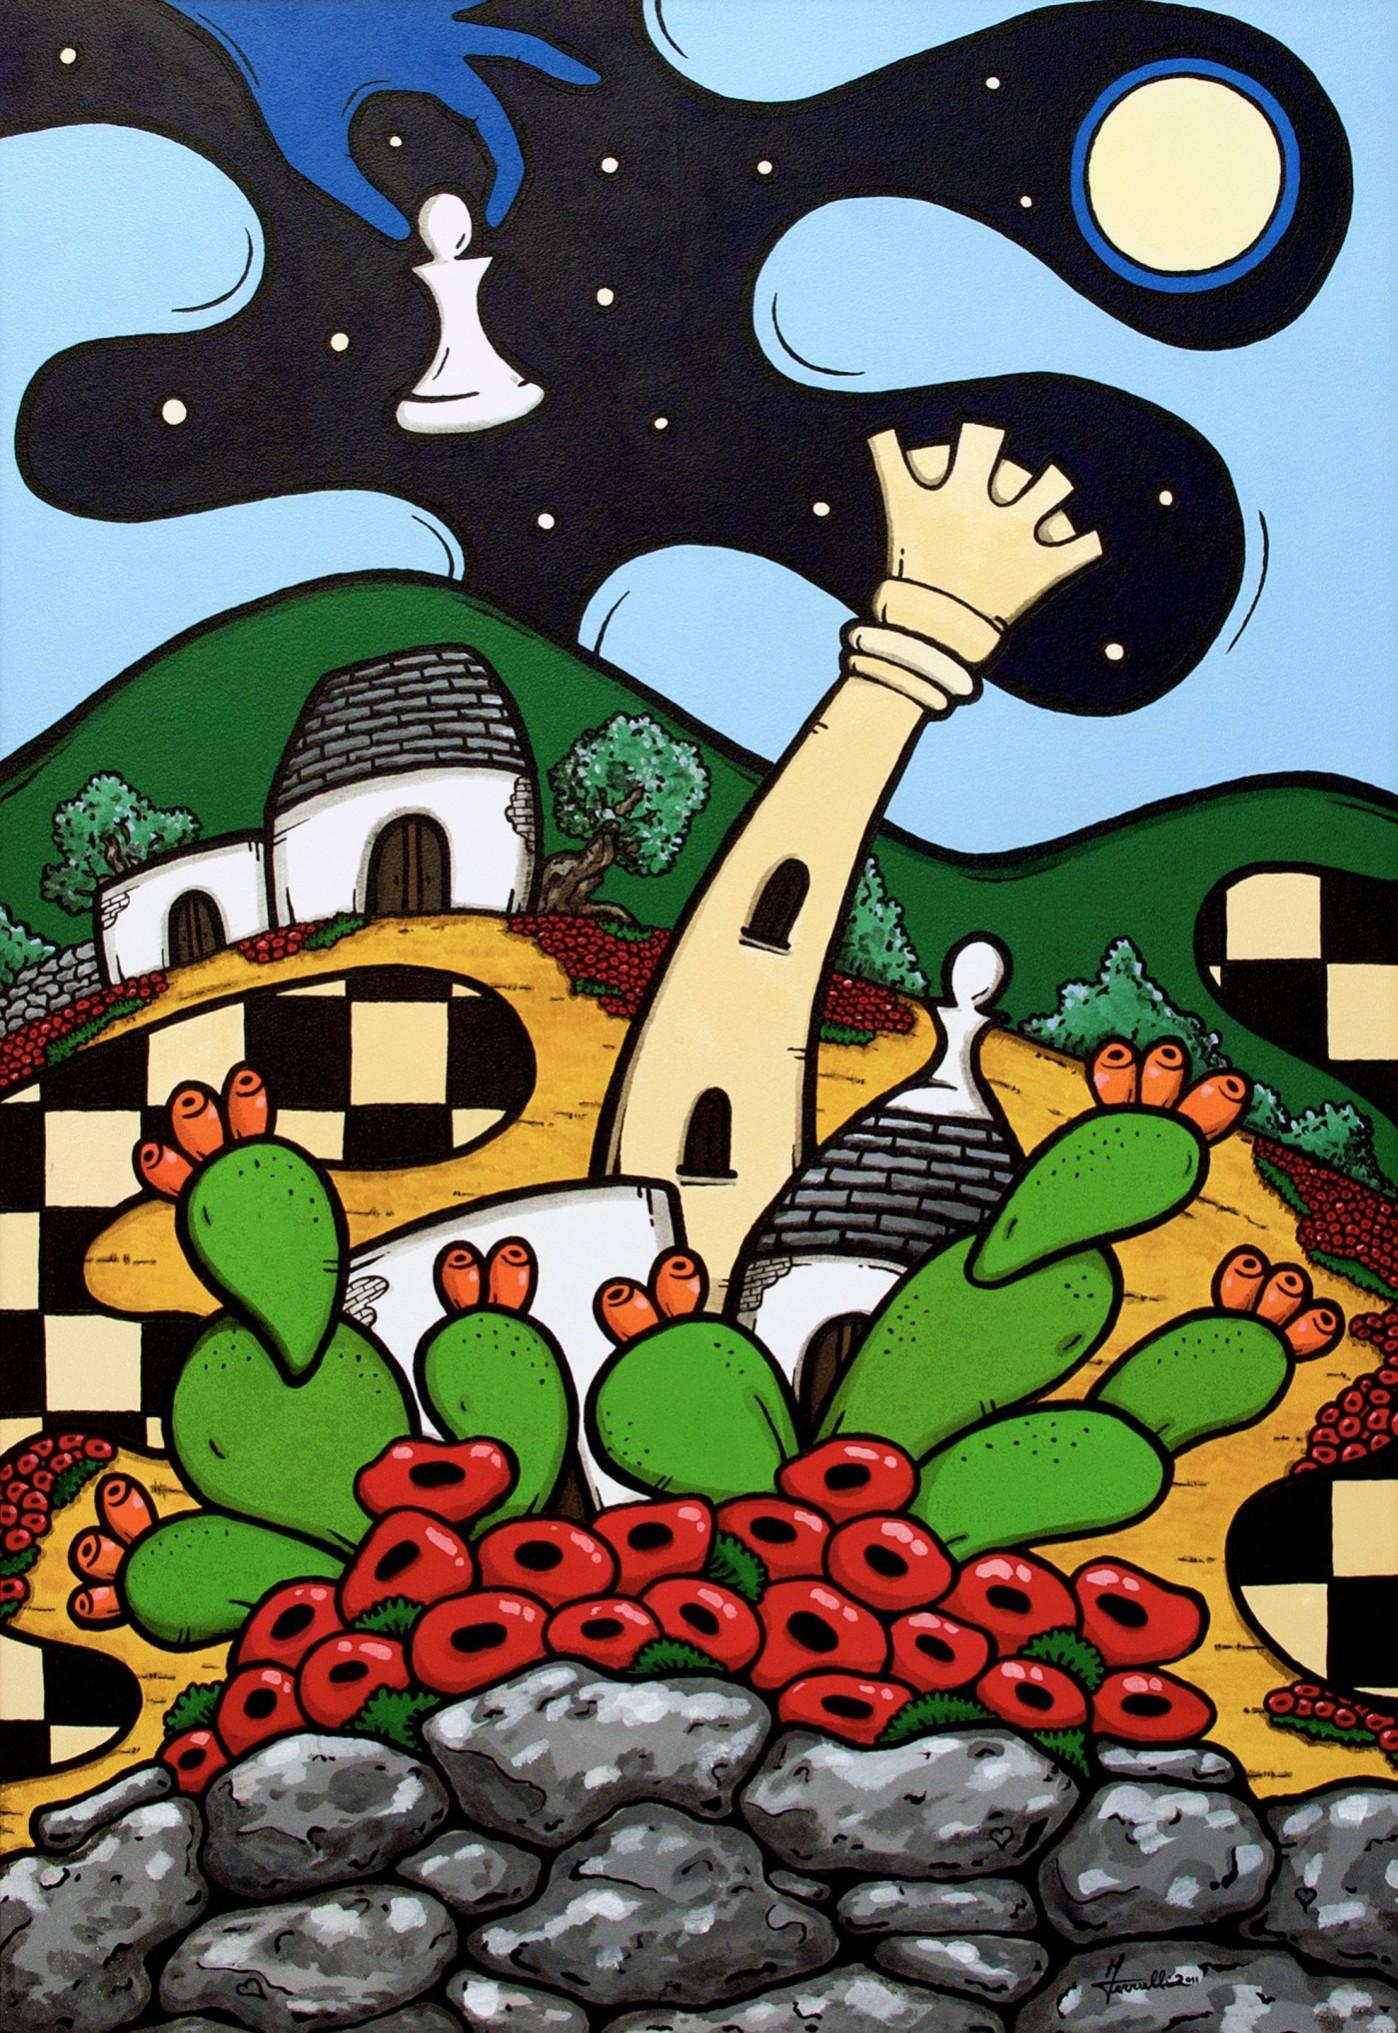 opera d'arte, contornismo metafisico, francesco ferrulli, pittore pugliese, artista italiano, arte contemporanea, dipinto, olio su tela, paesaggi pugliesi, quadri, puglia, quadro colorato, oil on canvas, art, painter, paesaggio pugliese, trulli, campagna pugliese, ulivi, fichi d'india, scacco alla regina, papaveri, muretti a secco